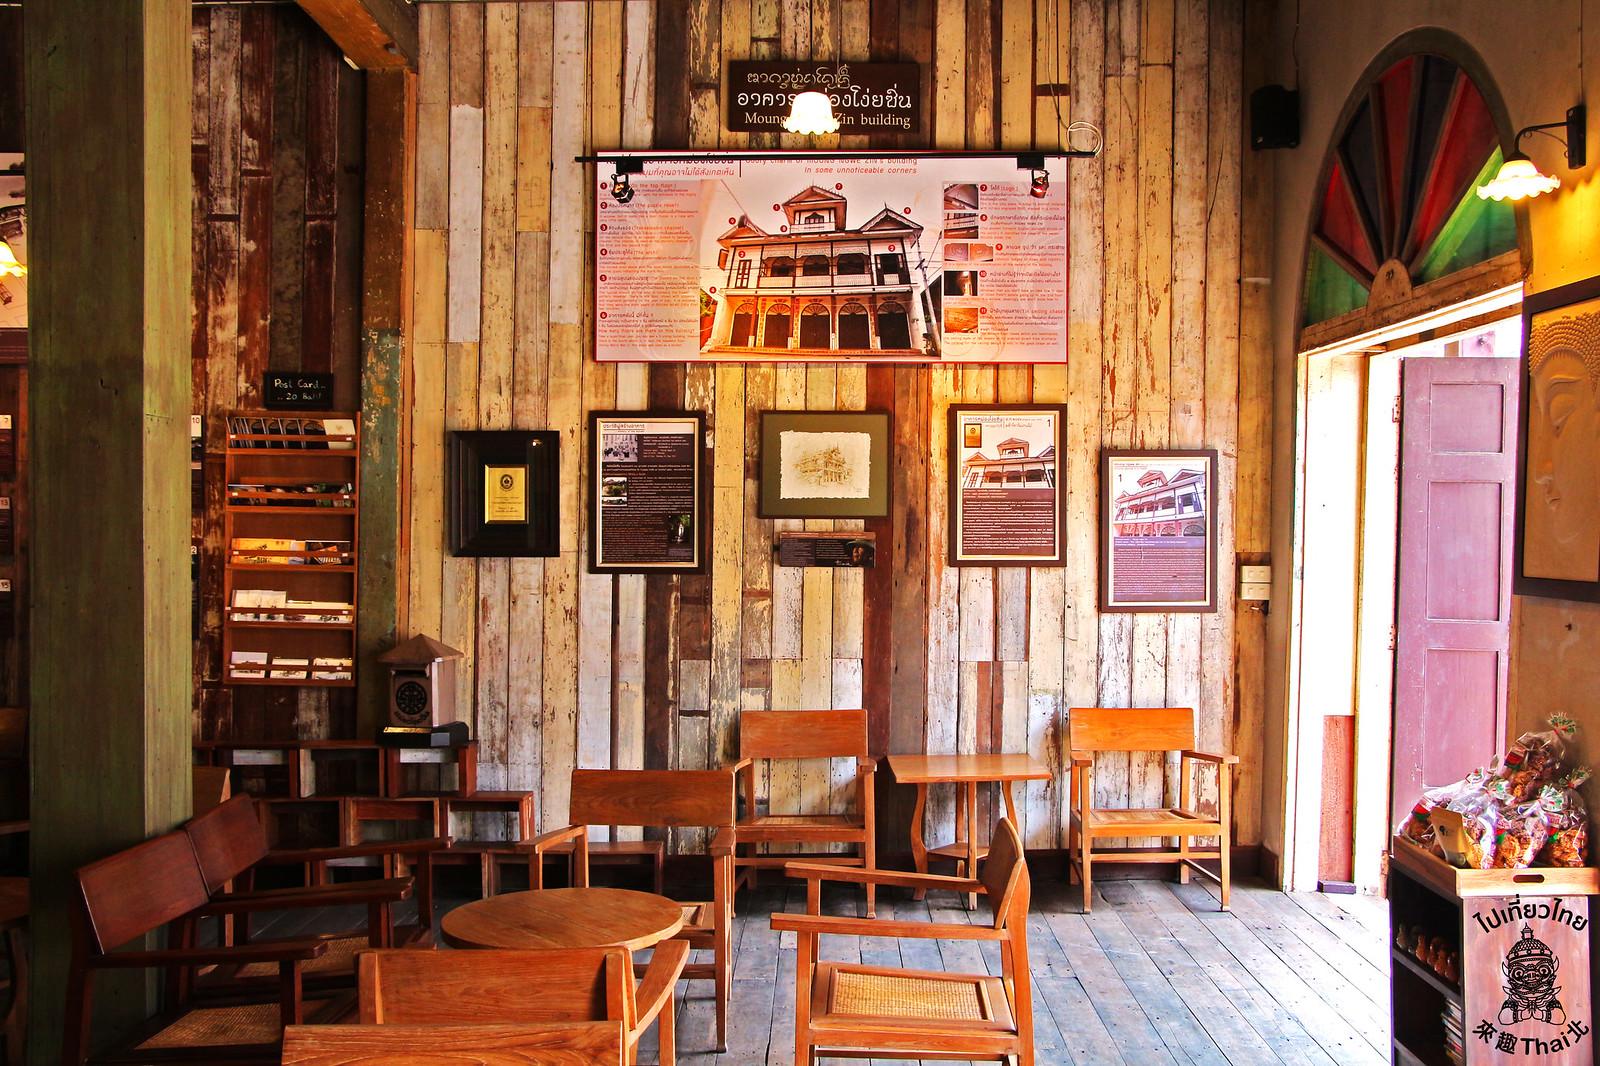 創造自天然砂岩的美學經典-Melann(มีลาน)咖啡館